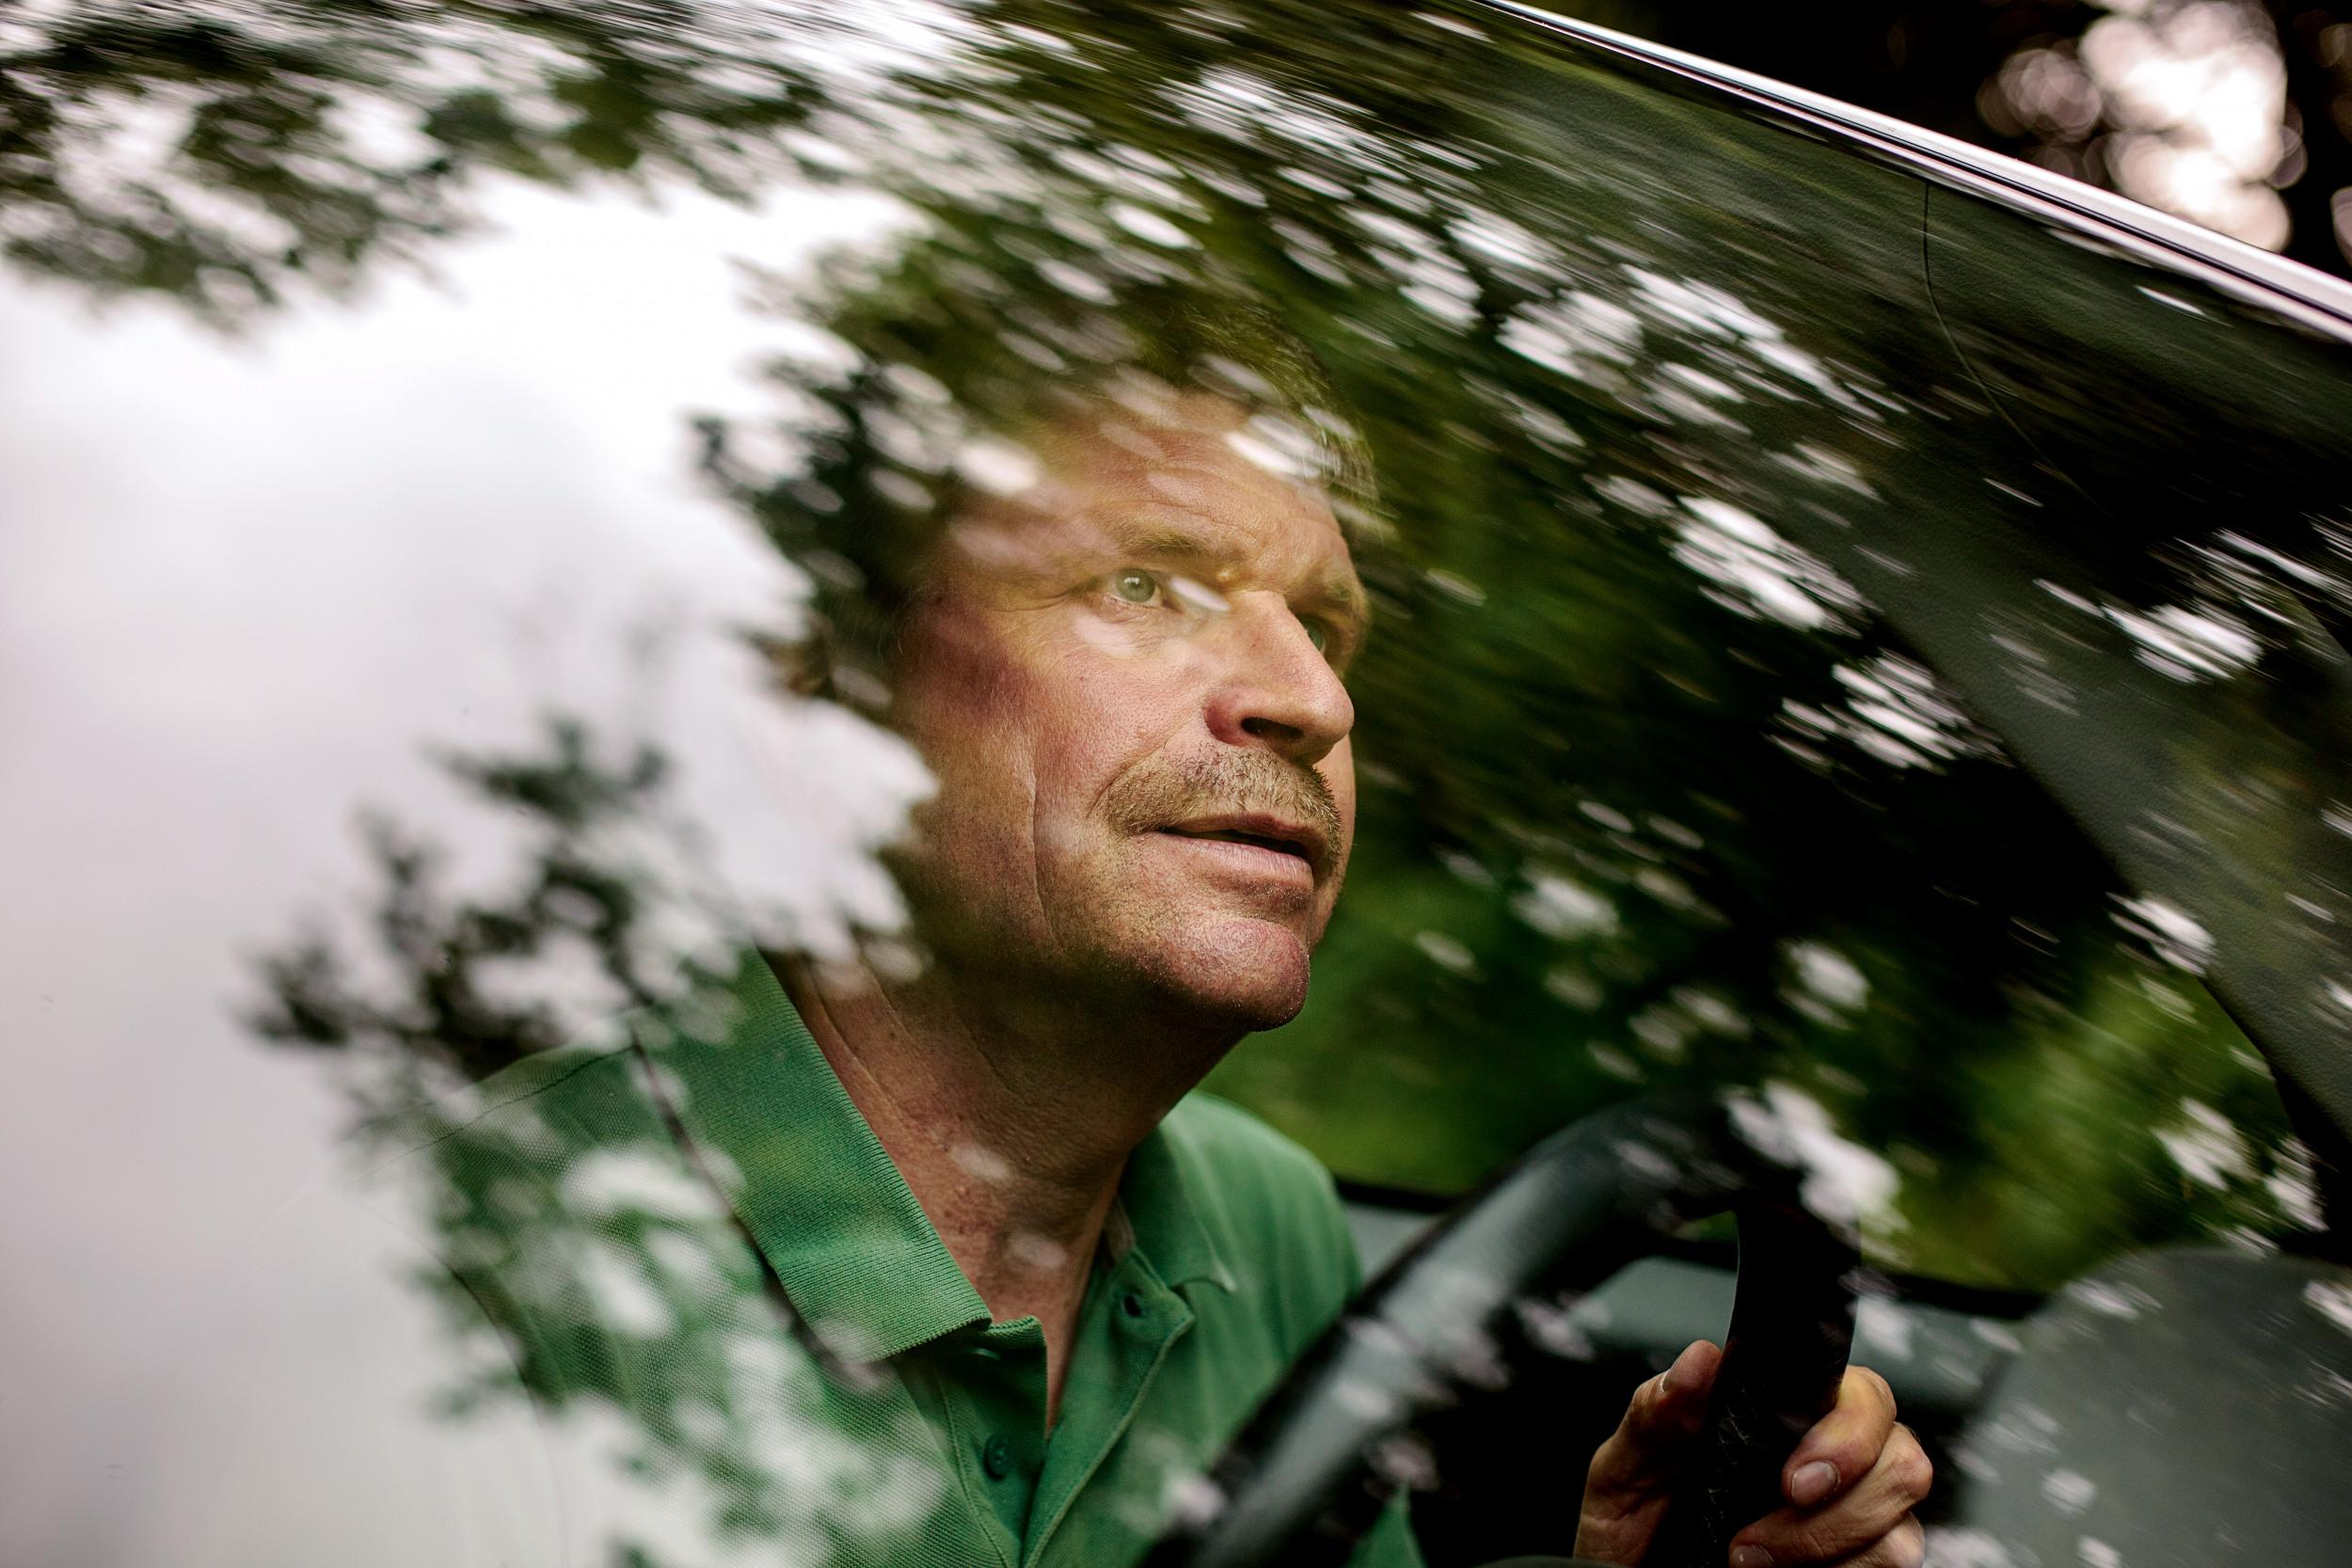 <p>WALDBÜRGER<br /> Jürgen Bucher, Revierförster der Gemeinde Ebringen, setzt in seinem Wald auf Vielfalt. Als Entwicklungshelfer in Südamerika hat er Urwälder lieben gelernt</p>